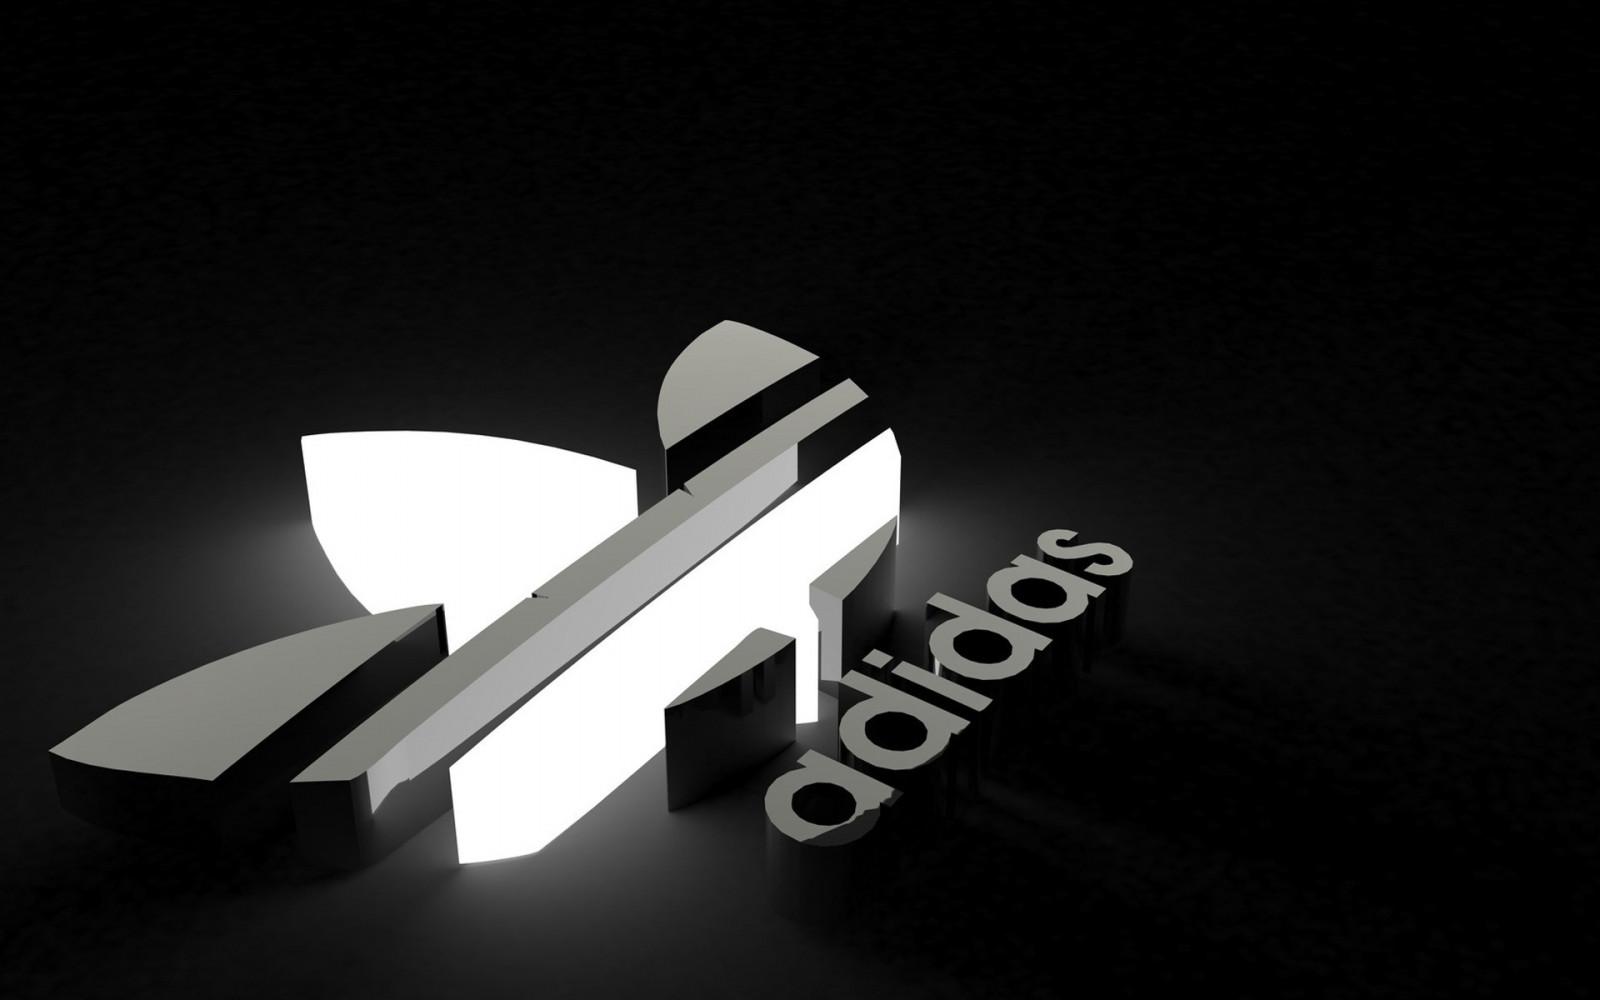 デスクトップ壁紙 黒 ロゴ アディダス ブランド 人工照明 シンボル フォント 19x10 Criseva01 デスクトップ壁紙 Wallhere